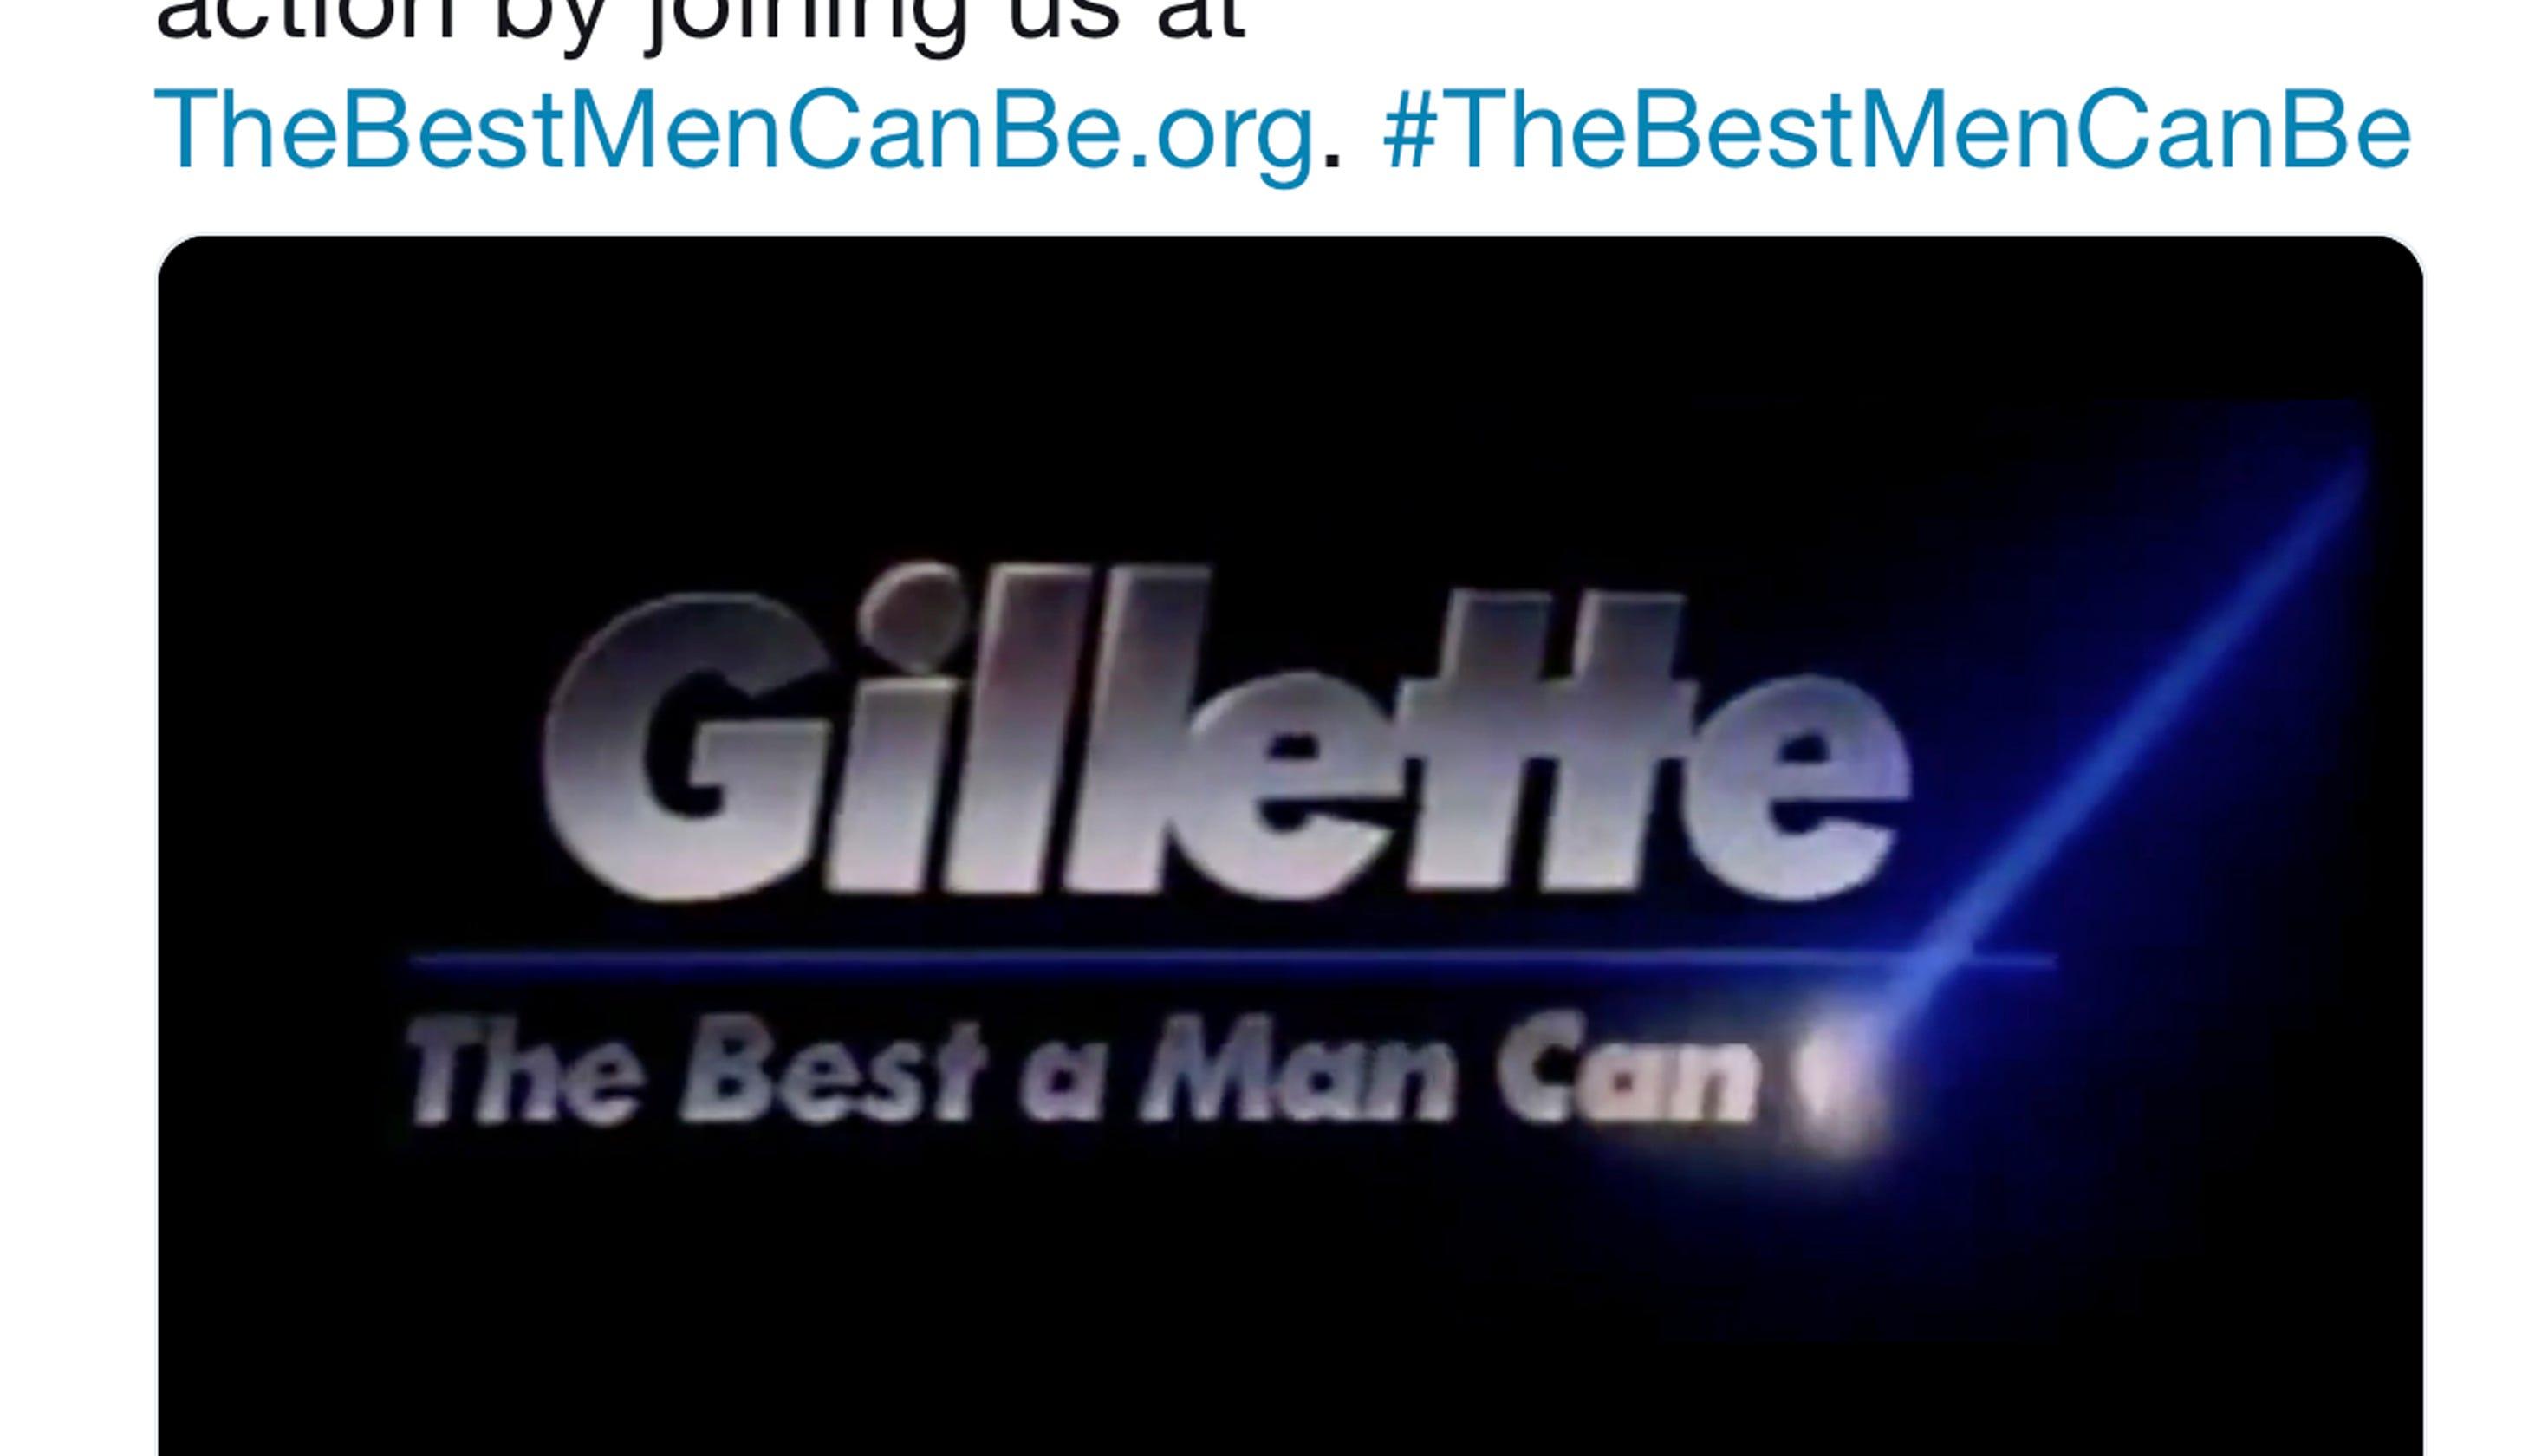 Men deserve more credit than Gillette commercial gives them